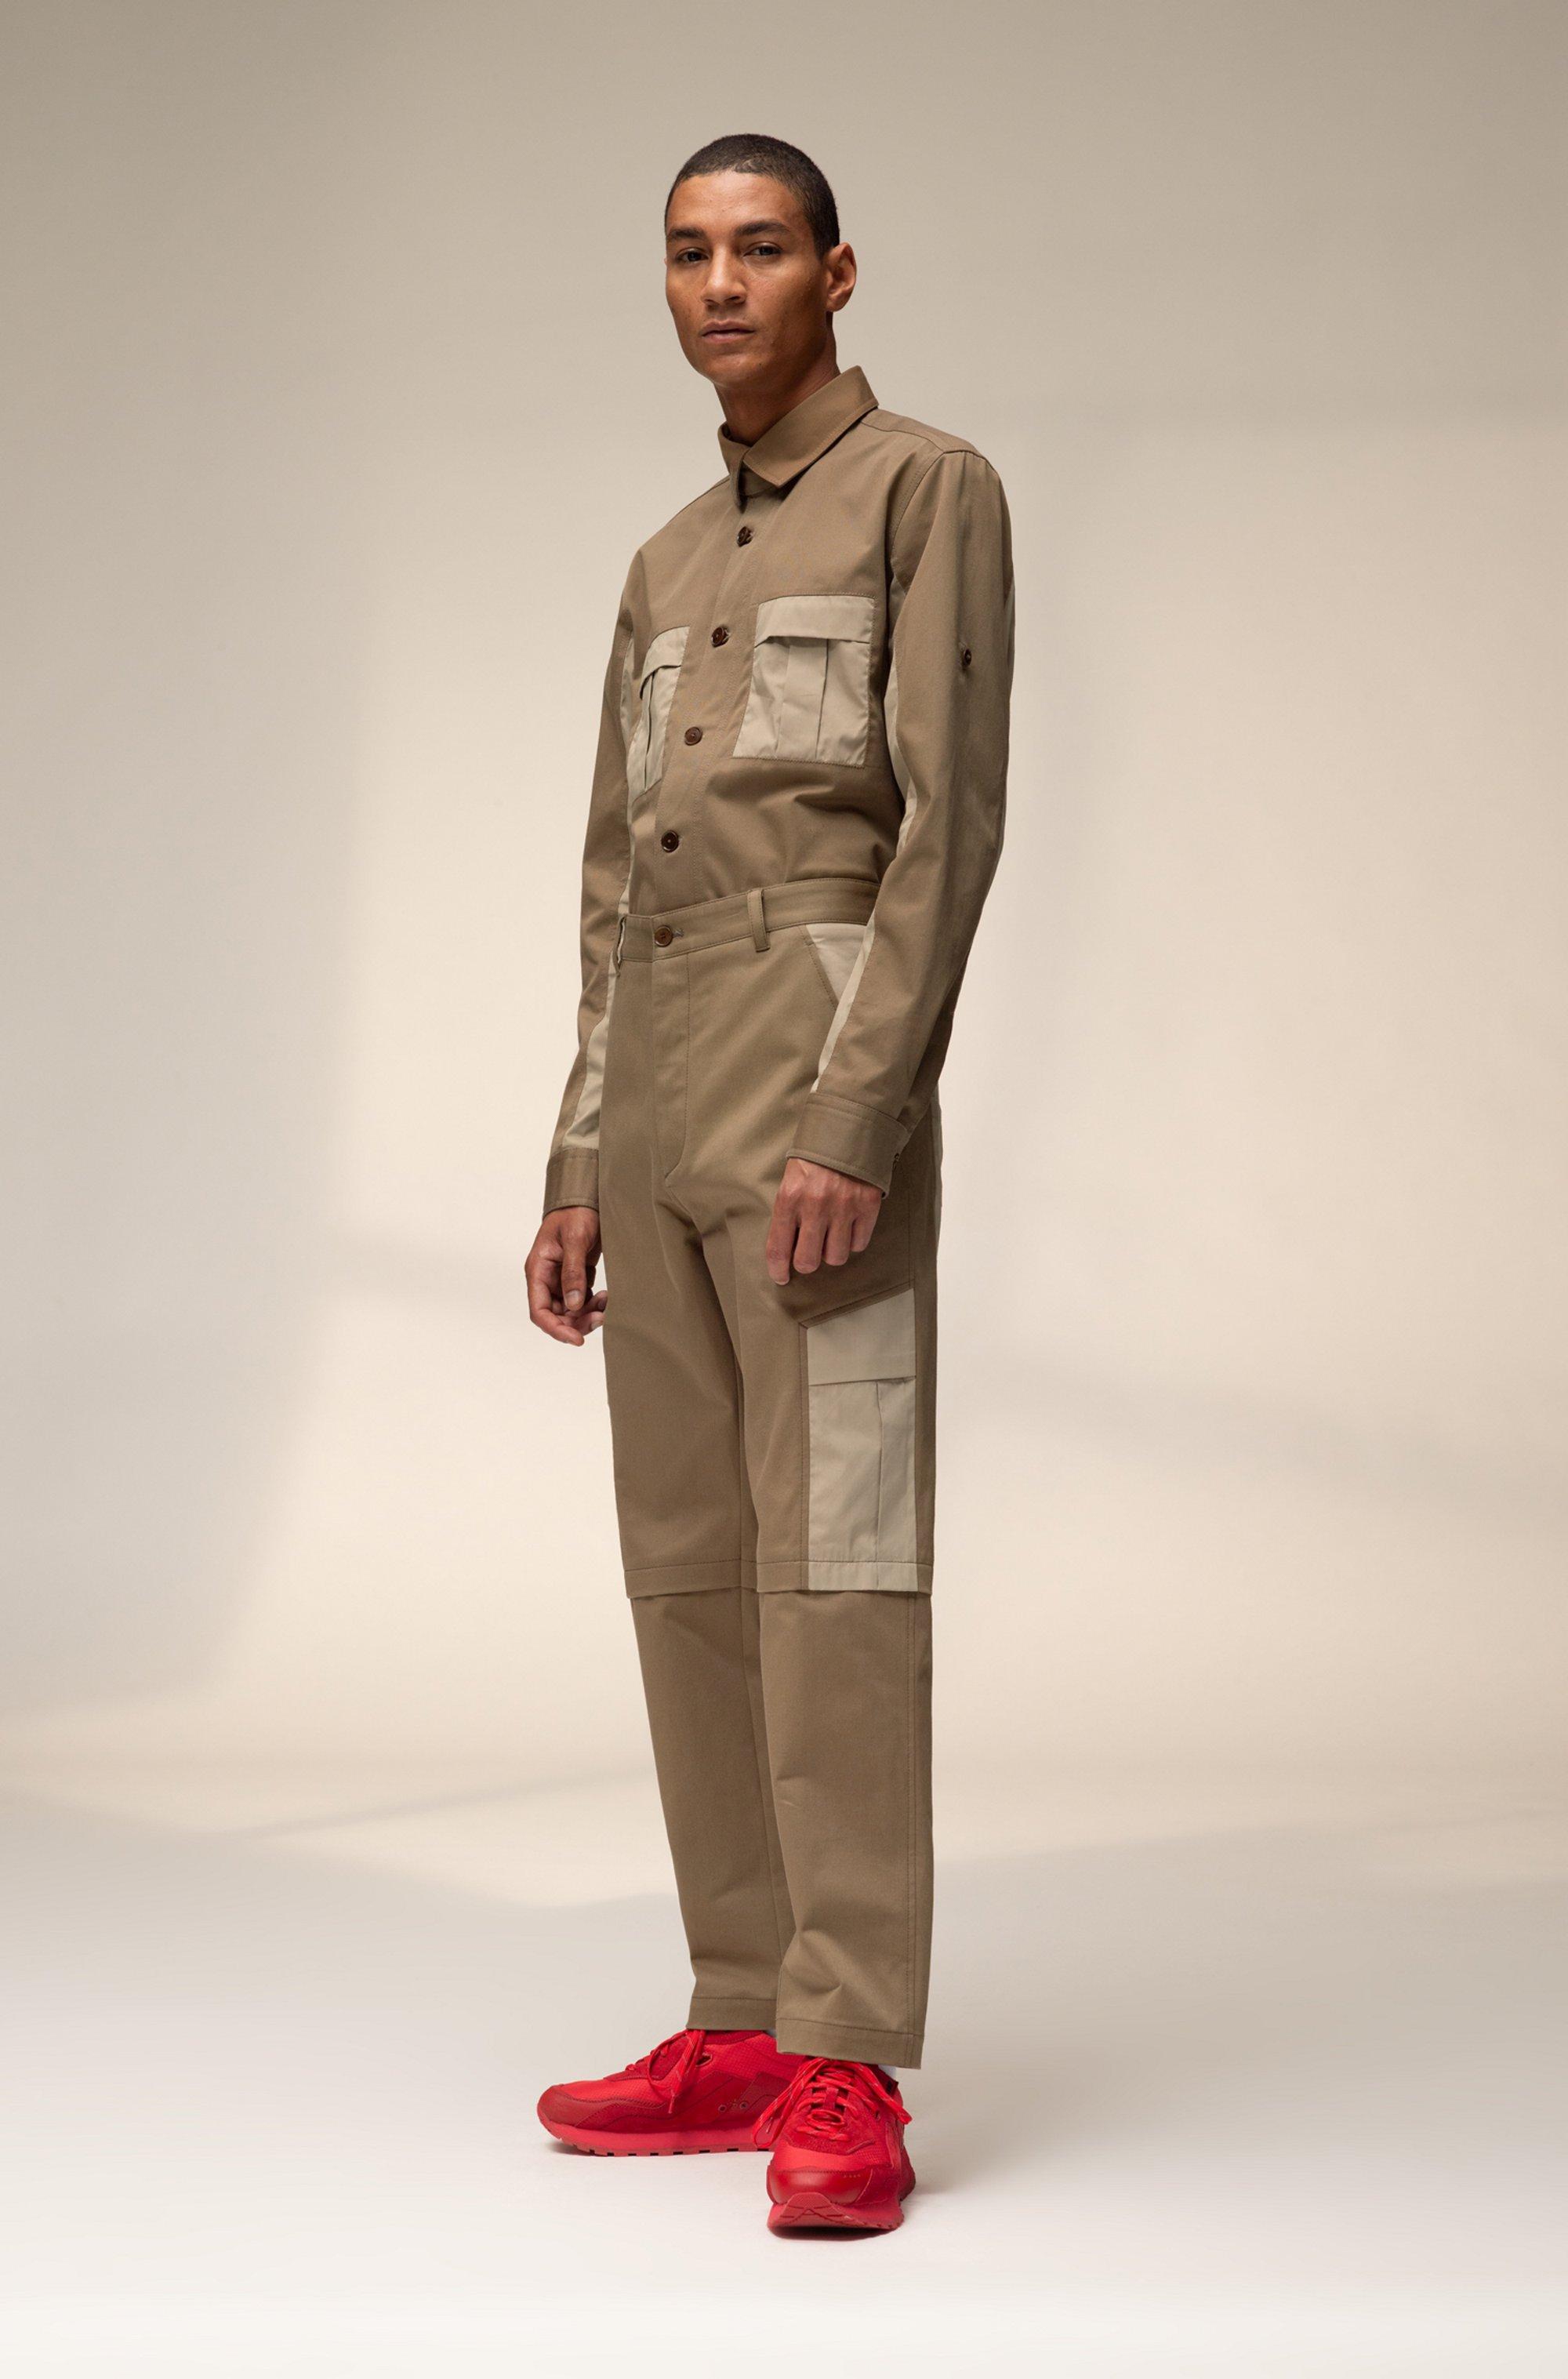 ユニセックス オーバーサイズフィット シャツ コントラストチェストポケット